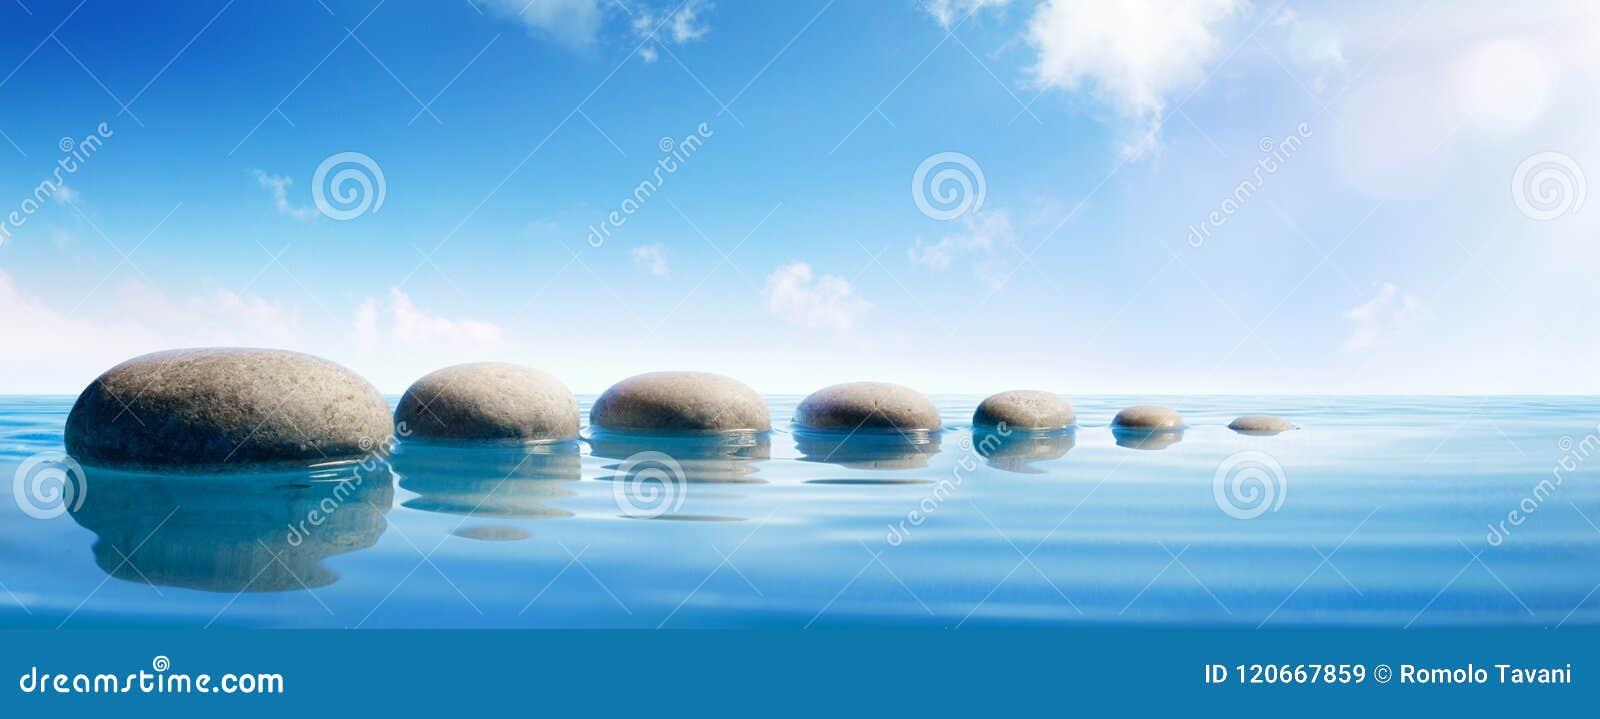 Stapstenen in Blauw Water